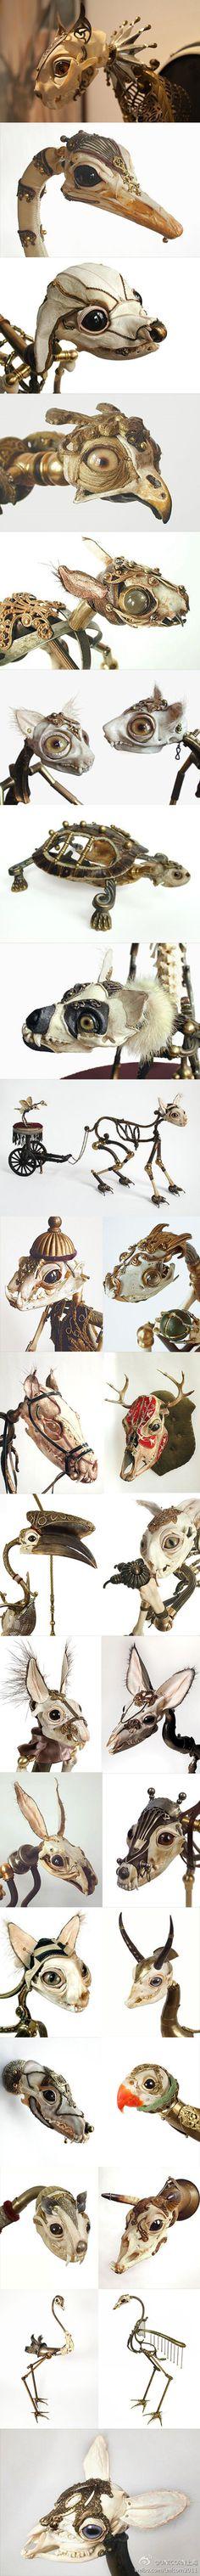 芝加哥艺术家 Jesscia Joslin 从小喜欢收集自然界的小鸟残骸,92年开始从事创作,她将各种骨骼、金属、布料及小木片等组合成自己心中的动物精灵形象,赋予了它们第二次生命,尤其是那空灵深邃的大眼睛瞳孔令人印象深刻,作品尺寸大致从10cm到60cm不等..